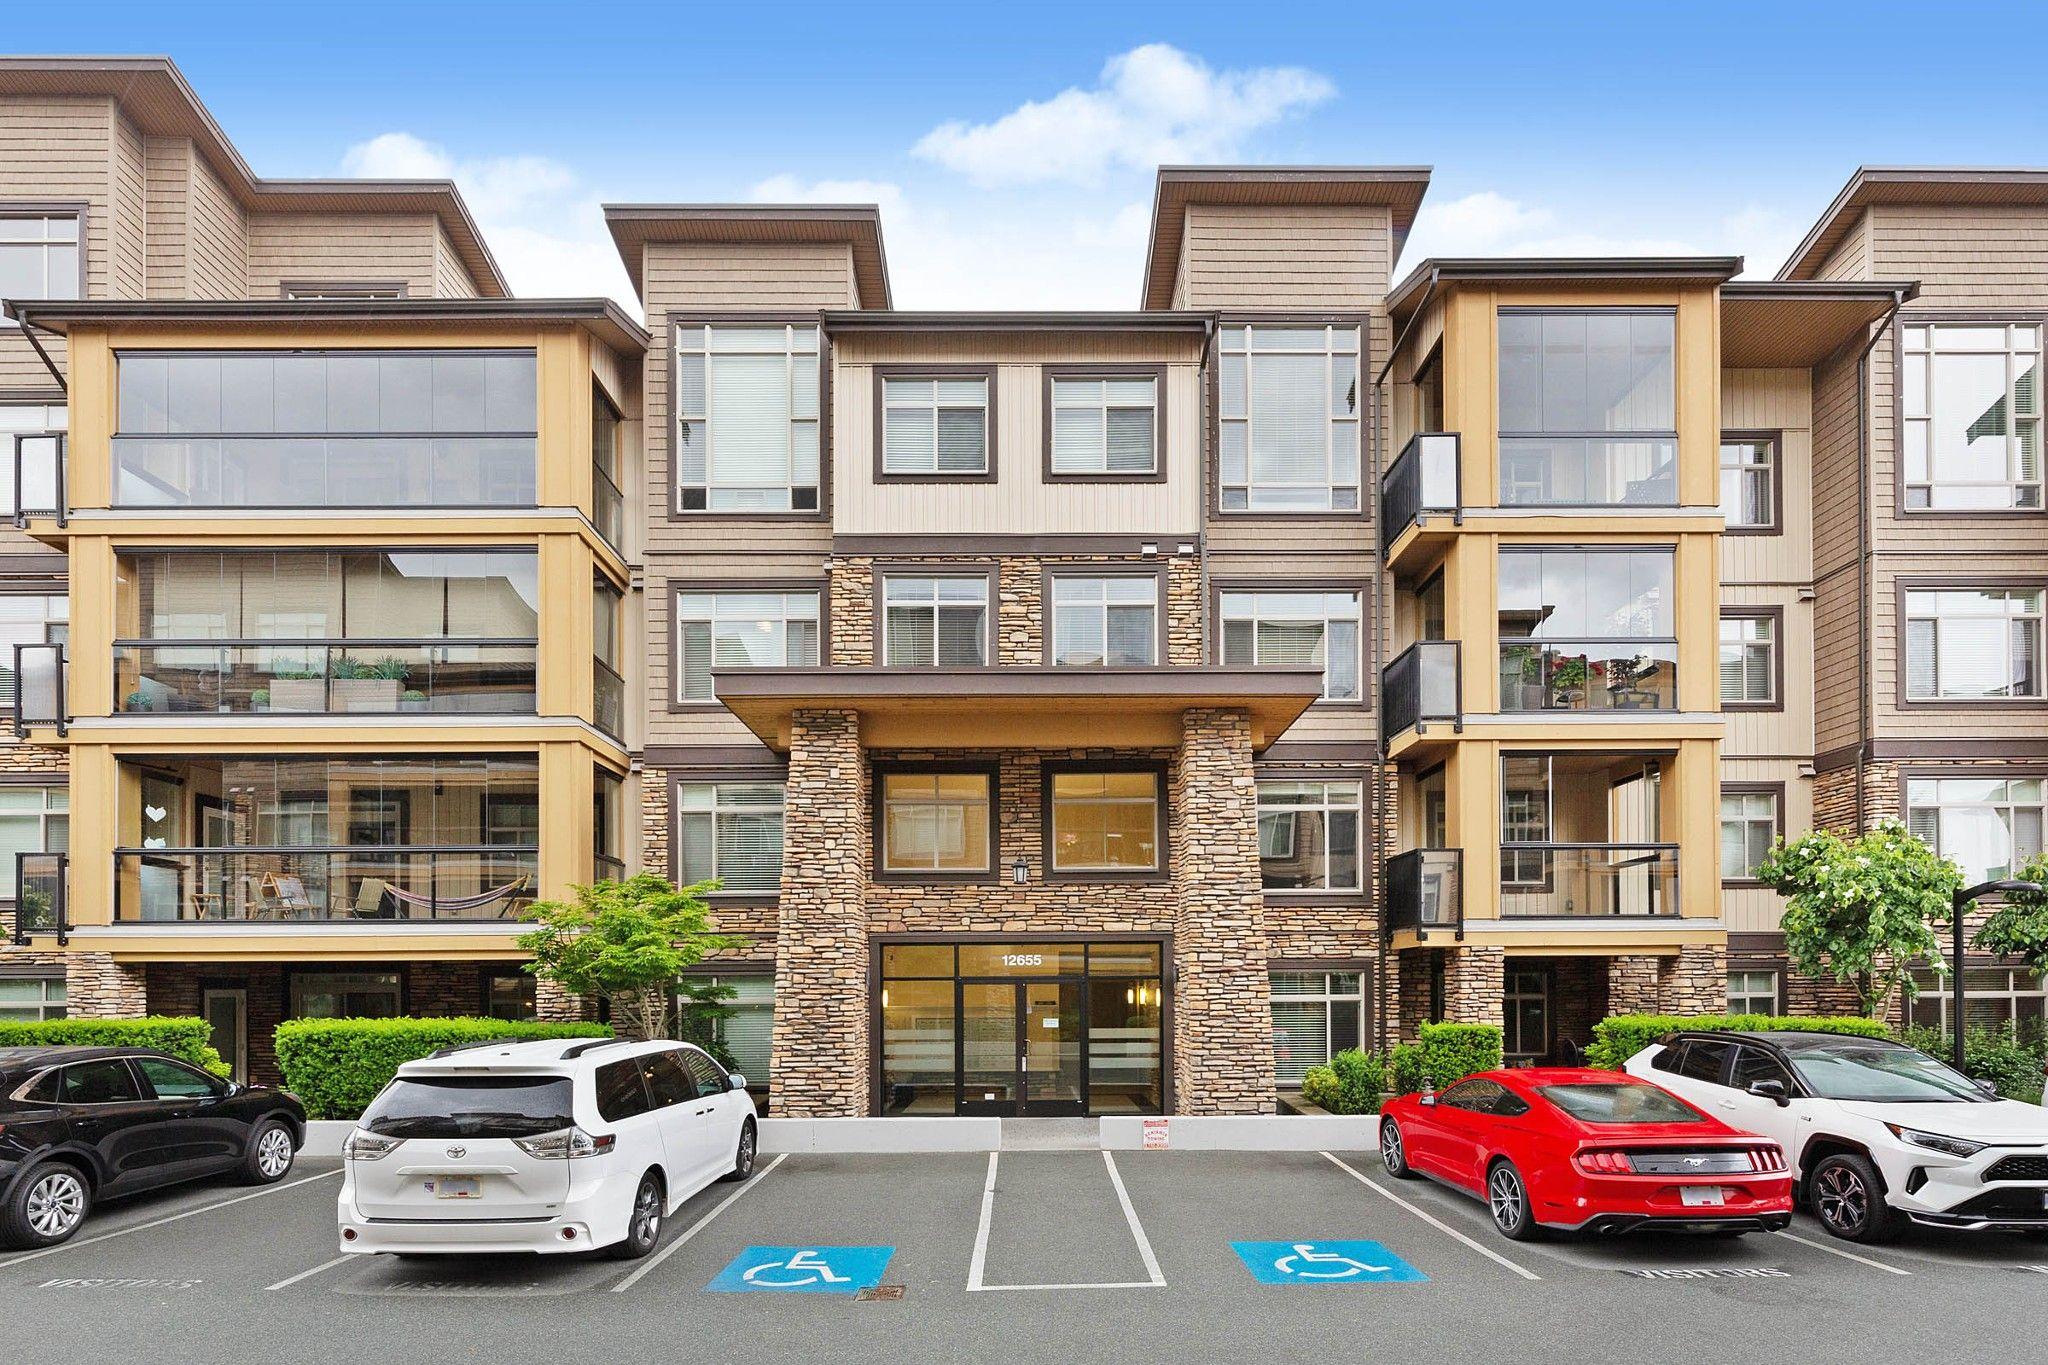 """Main Photo: 108 12655 190A Street in Pitt Meadows: Mid Meadows Condo for sale in """"Cedar Downs"""" : MLS®# R2593118"""